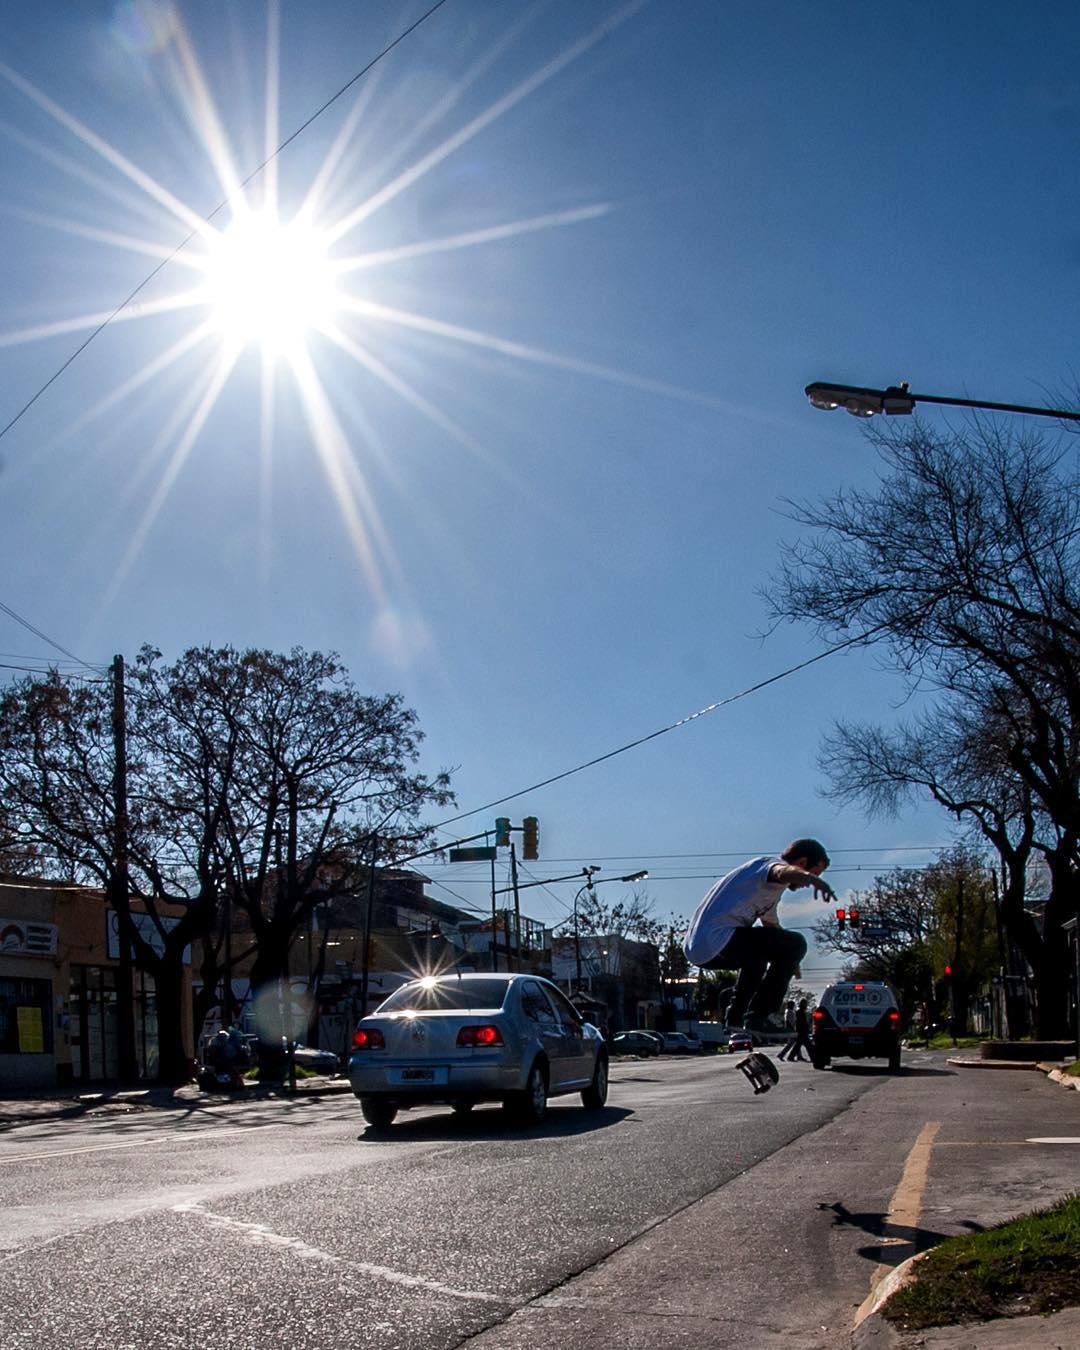 Tremendo día de sol y Seba Franco ( @sebafrancoskate ) nos manda esta postal  a pleno flip por las calles de Buenos Aires